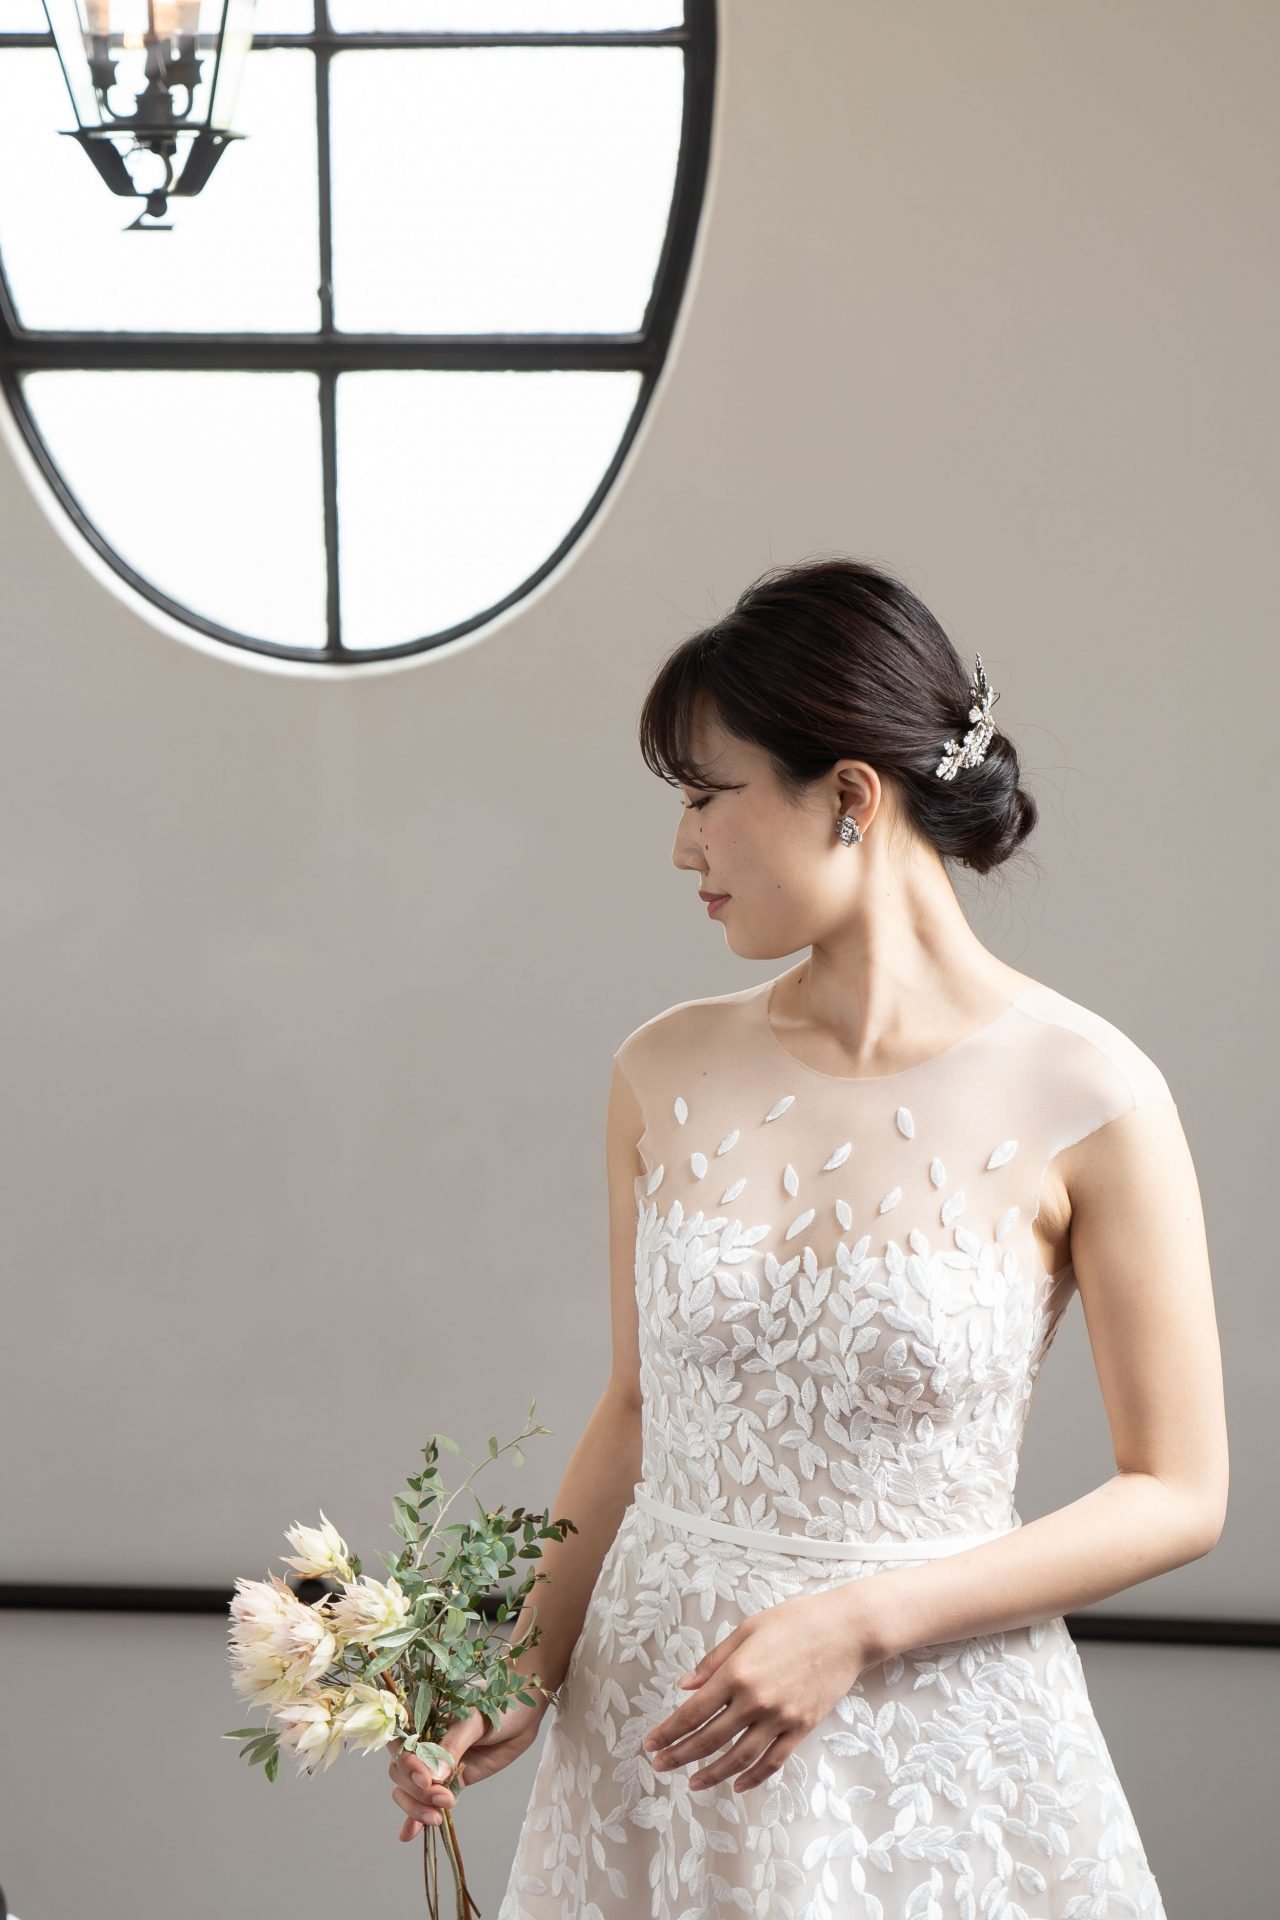 胸元に浮かぶように施されたリーフのモチーフが美しいウェディングドレスには輝きのあるヘッドパーツと小ぶりのイヤリングを合わせナチュラルですっきりとしたコーディネートがおすすめ